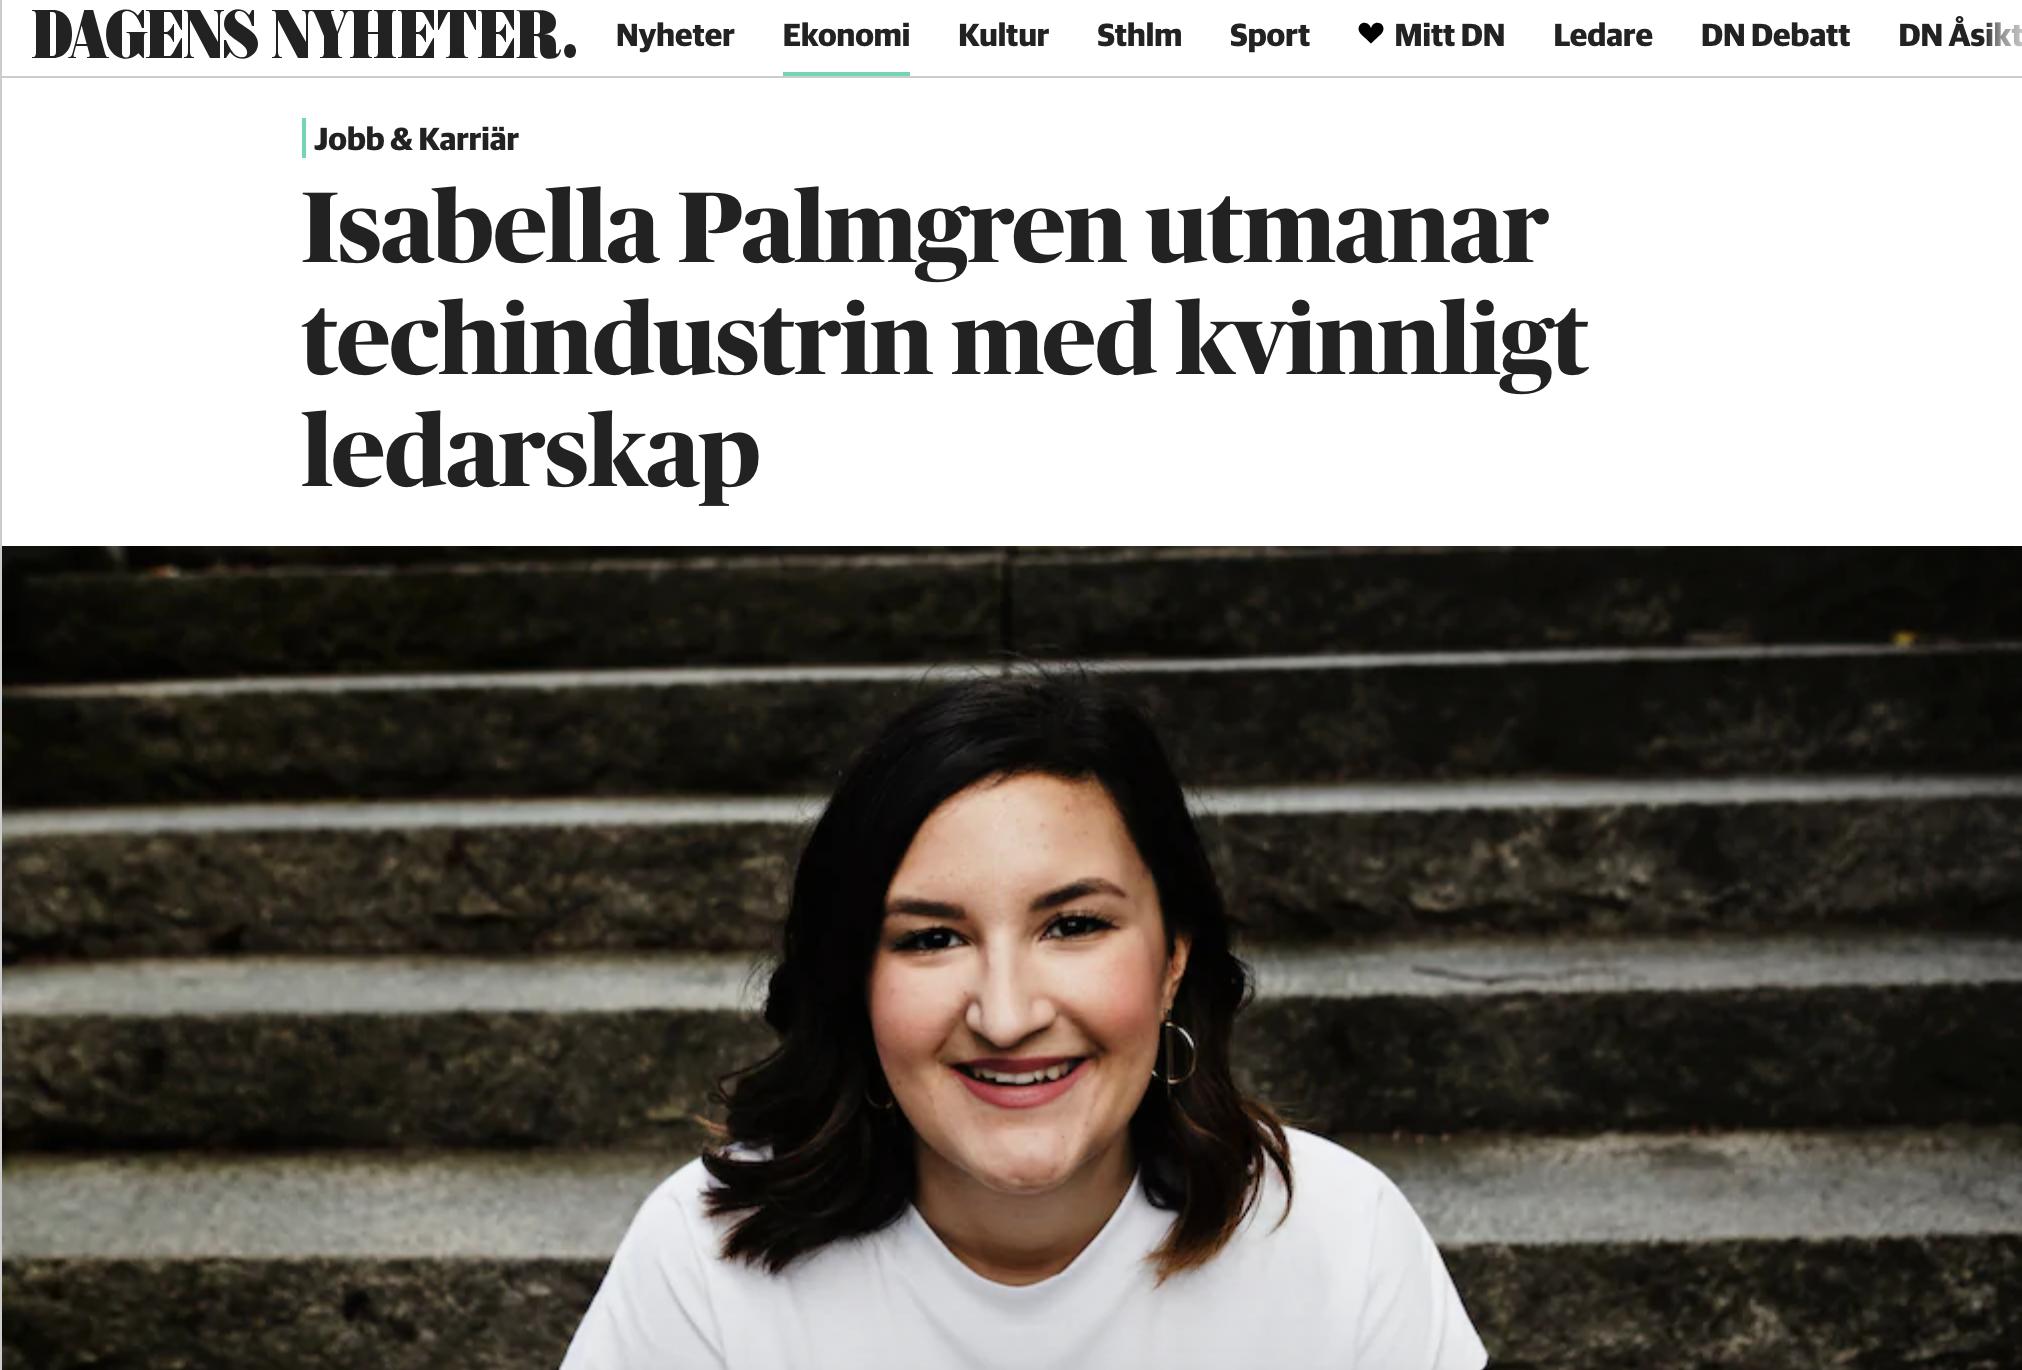 Dagens nyheter, October 2018